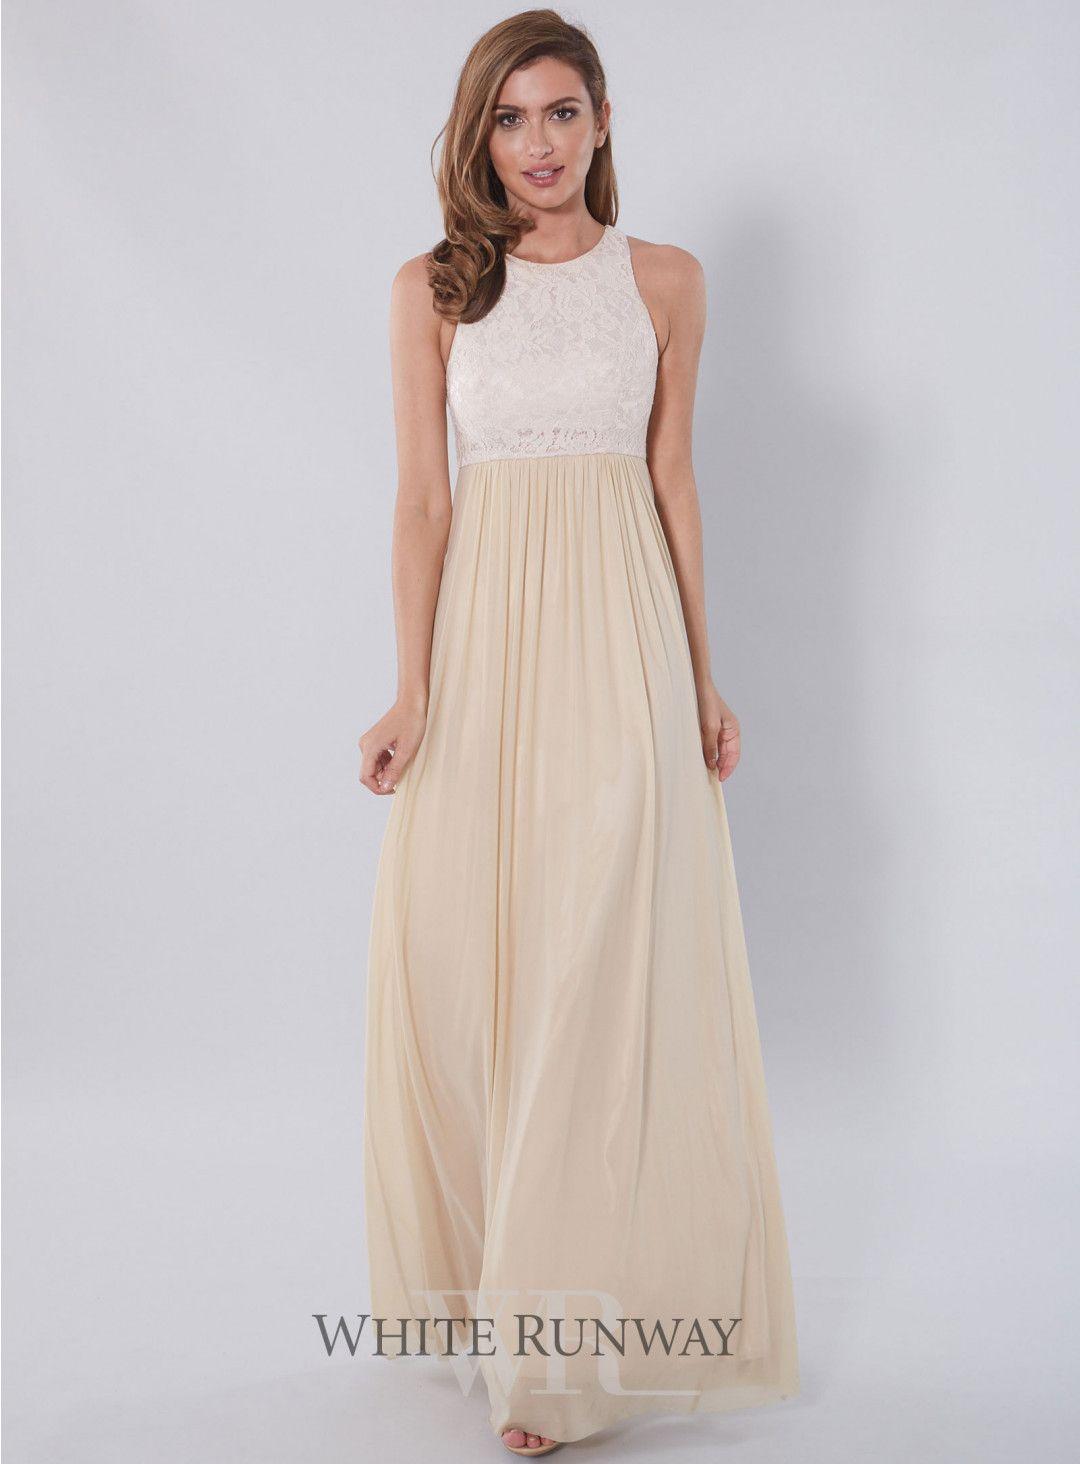 Aneeta lace dress beautiful full length bridesmaid dress by